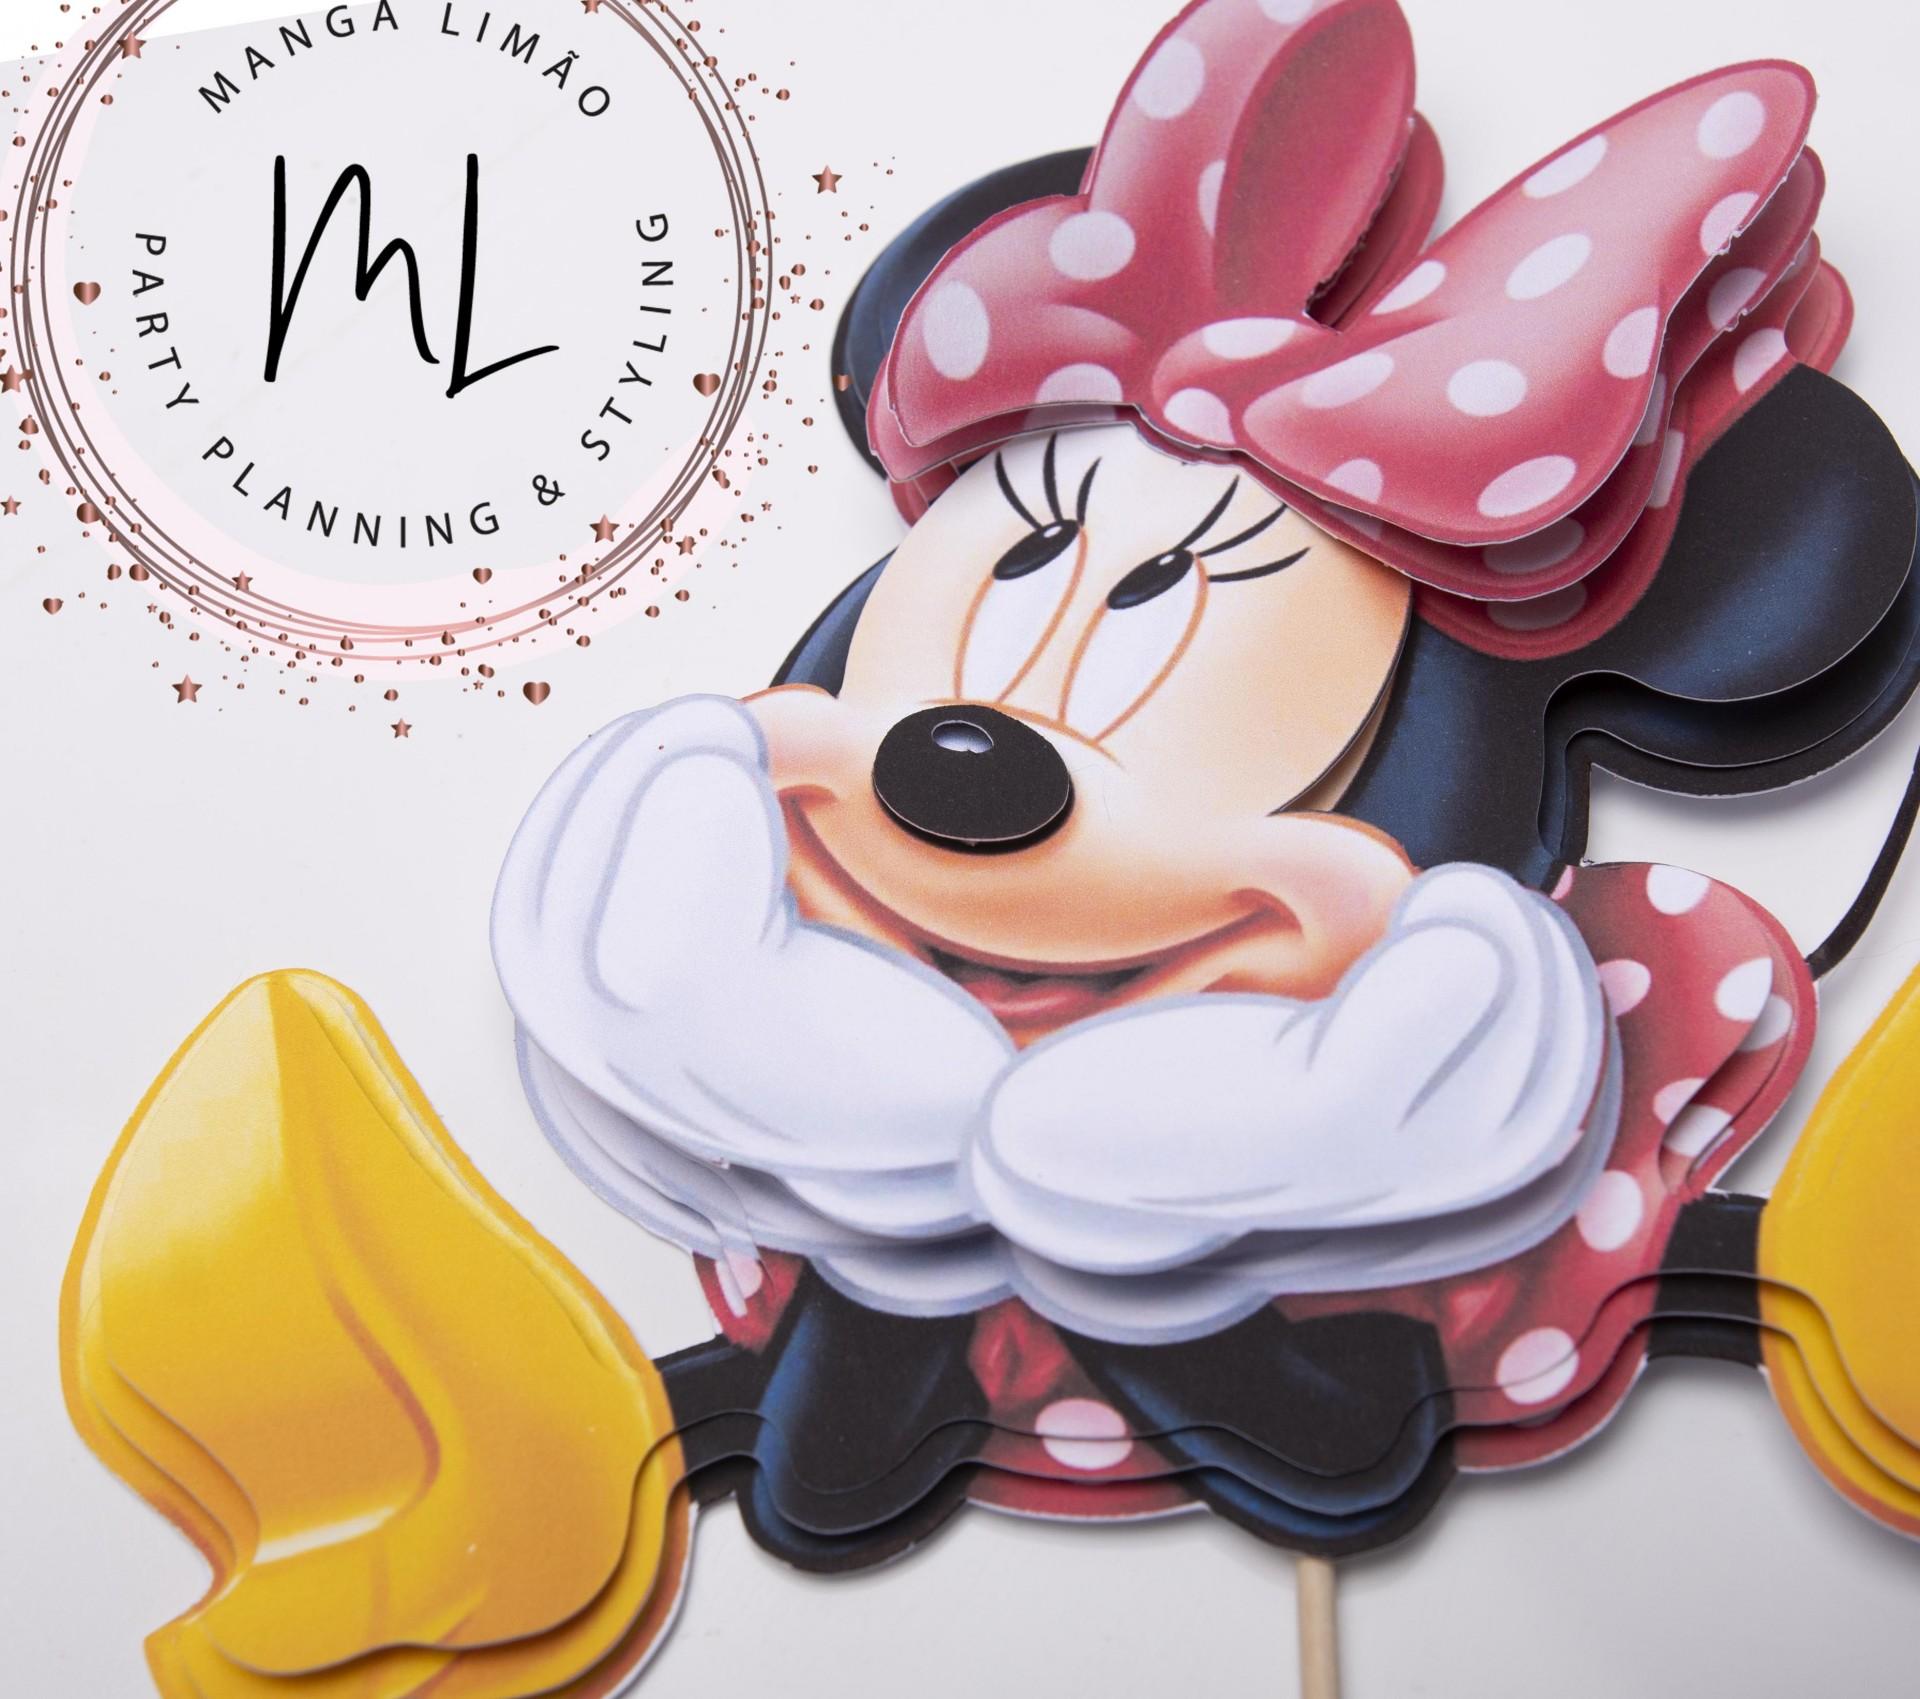 Minnie em 2 dimensões